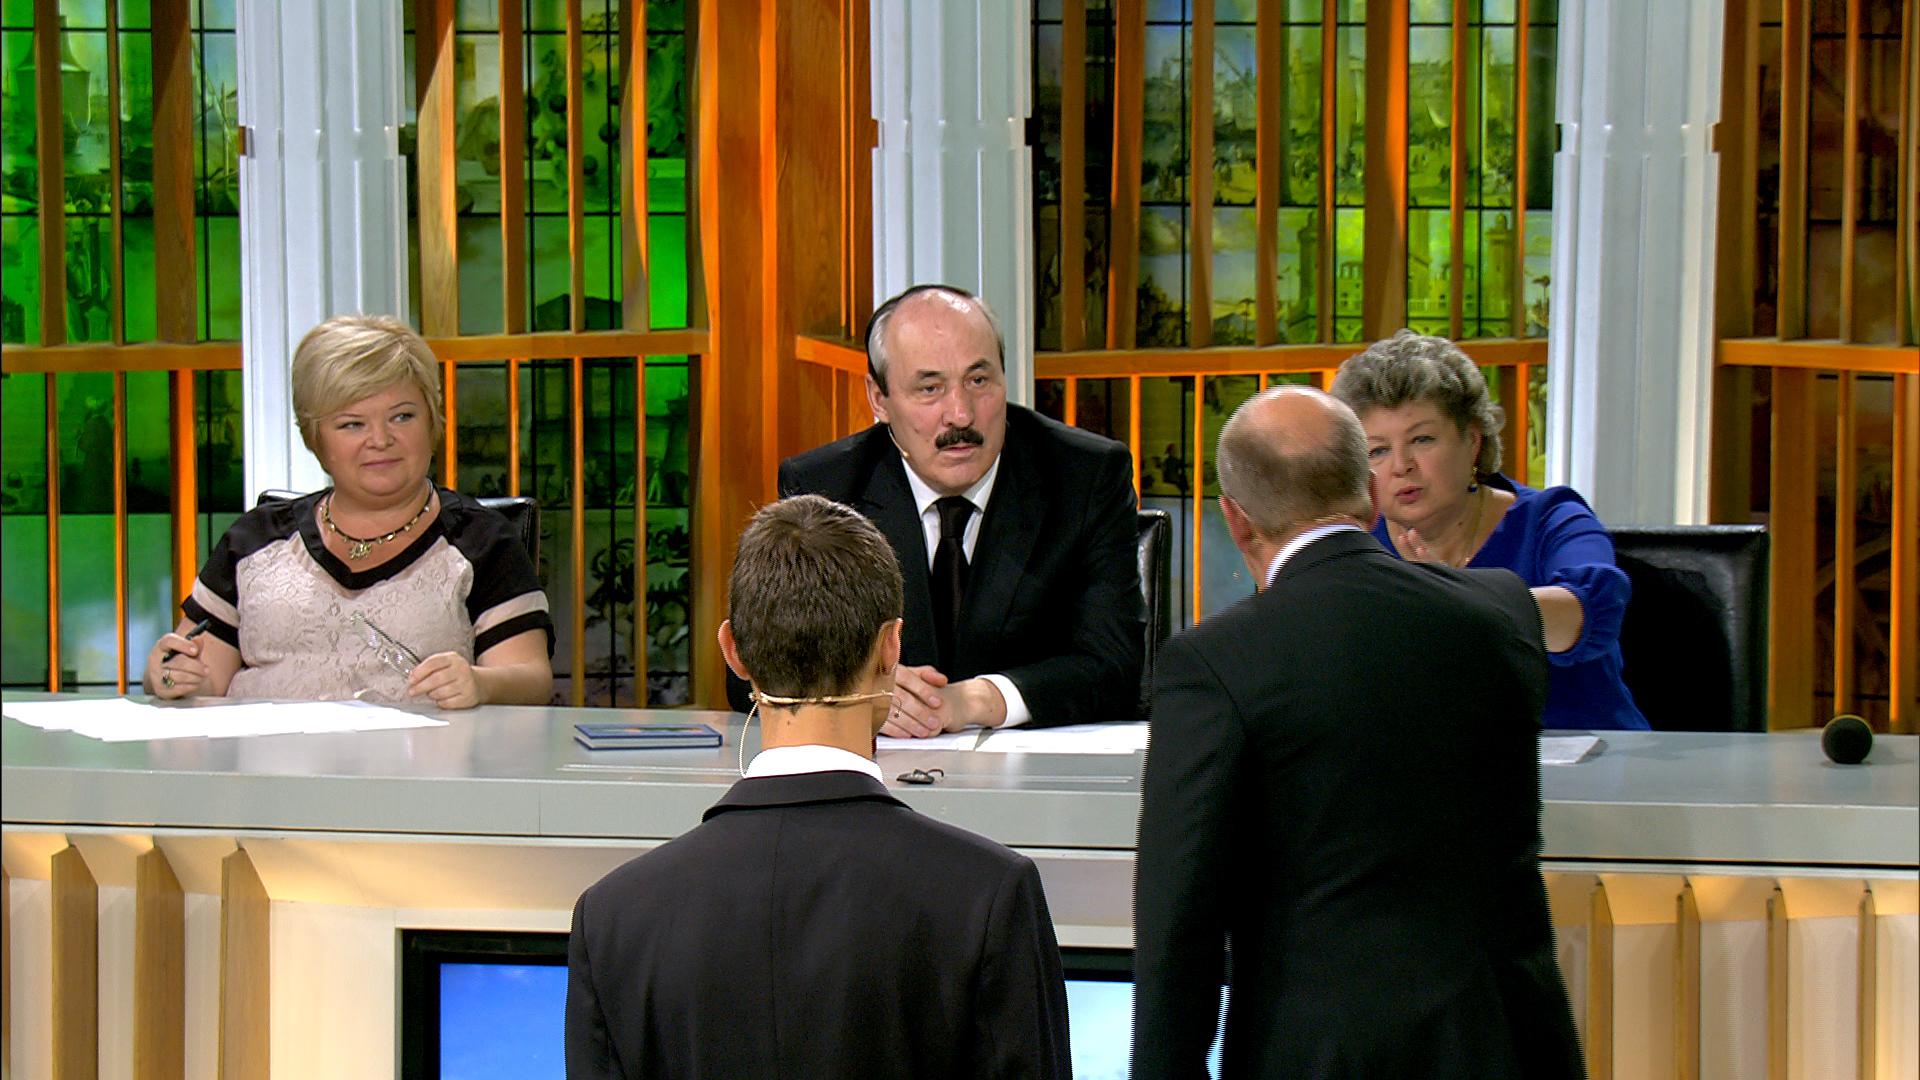 Ближайший выпуск передачи «Умницы и умники» будет посвящен 2000-летию Дербента